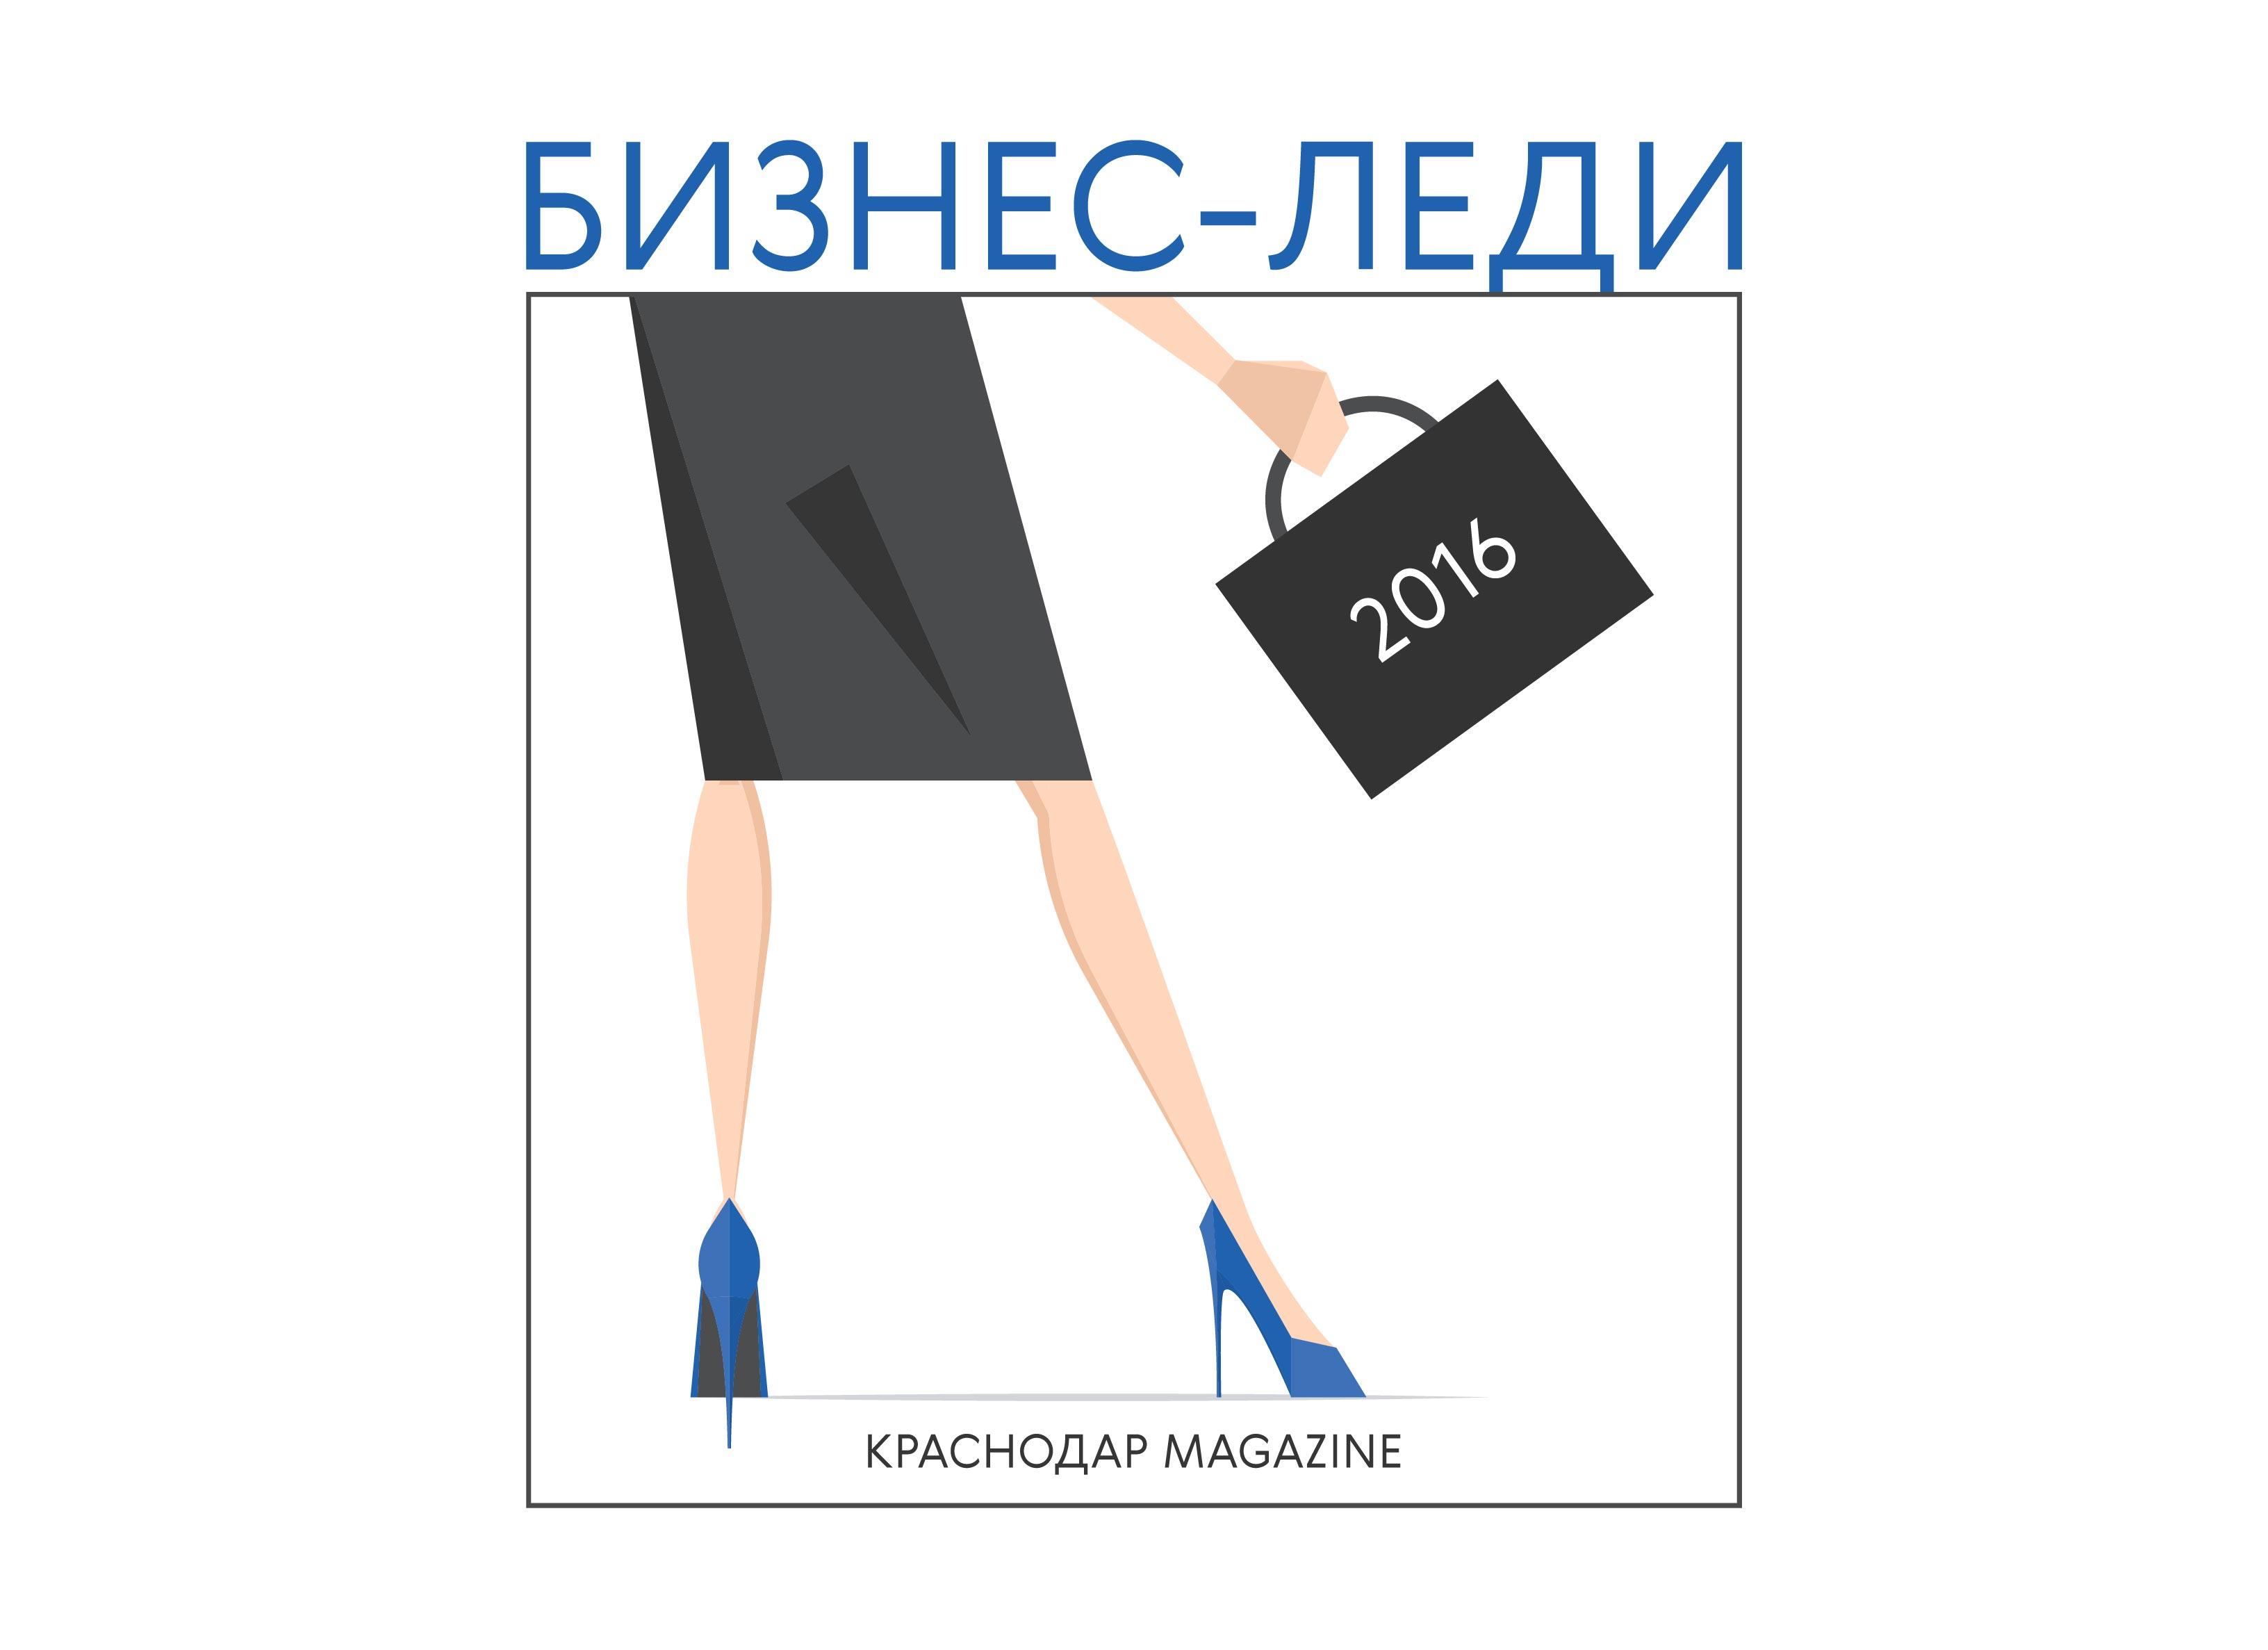 Бизнес-леди_Logo